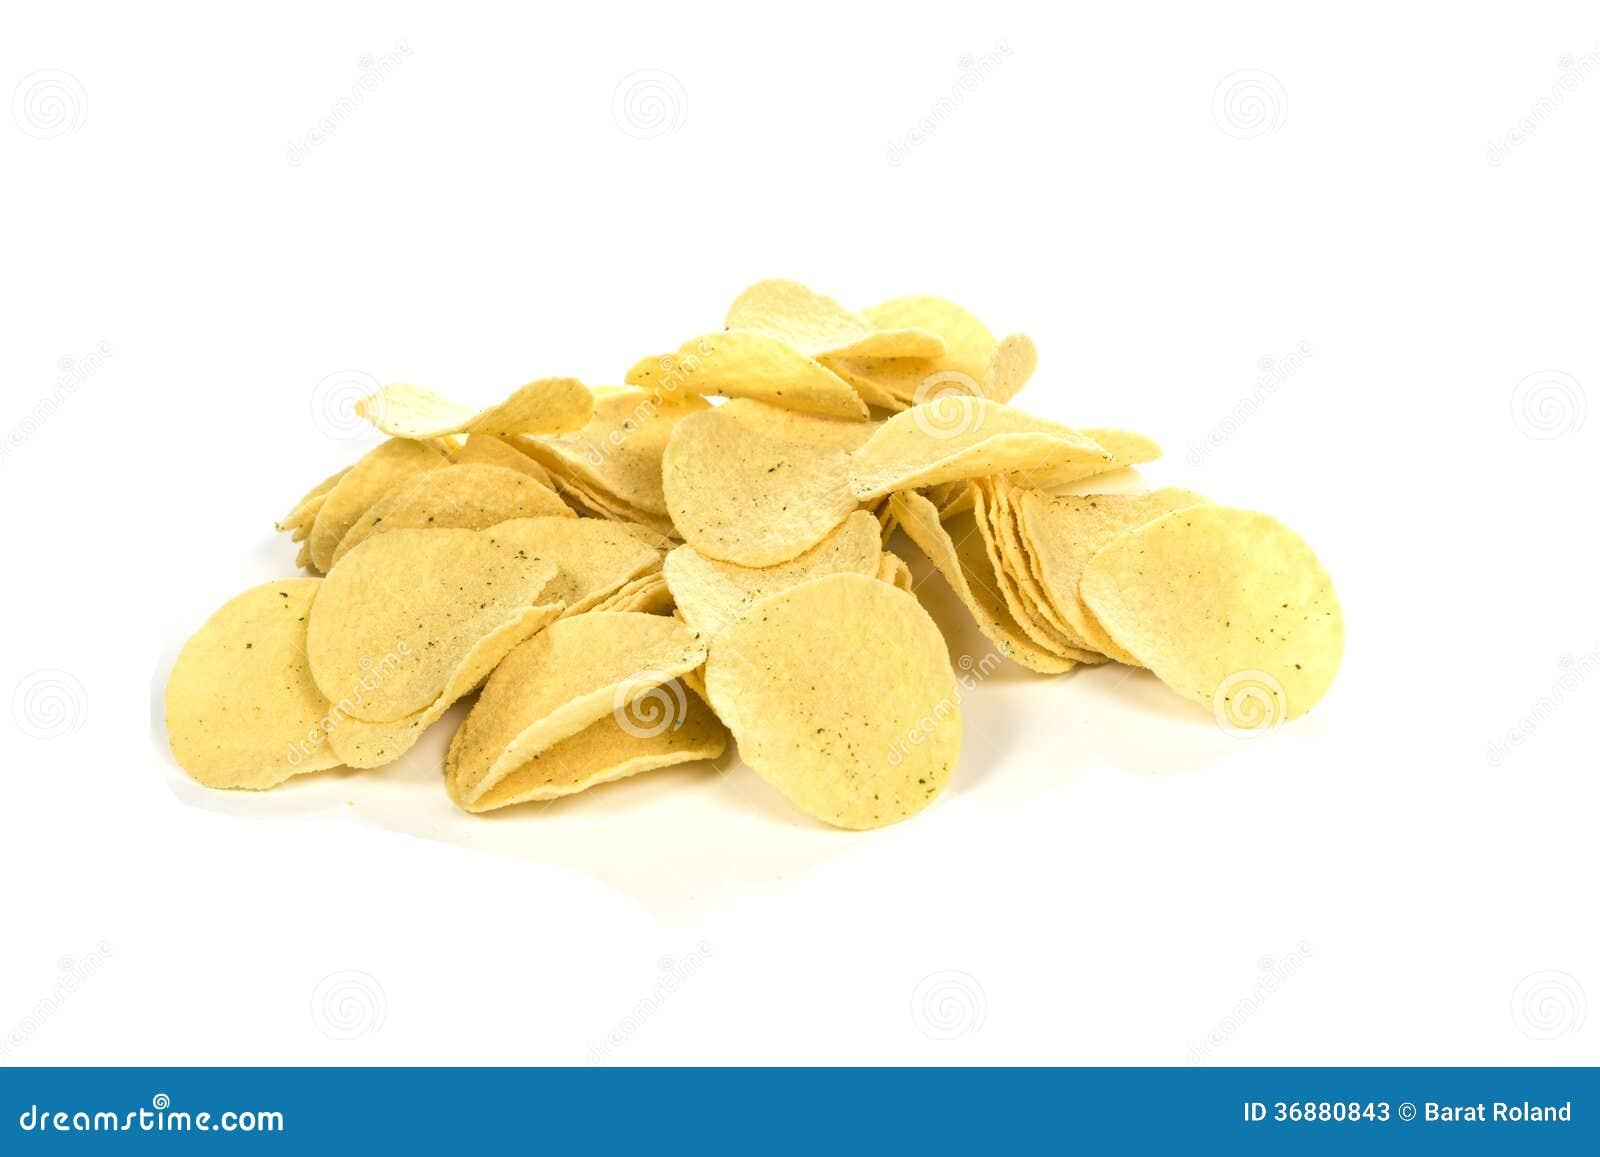 Download Patatine fritte immagine stock. Immagine di piatto, alimento - 36880843